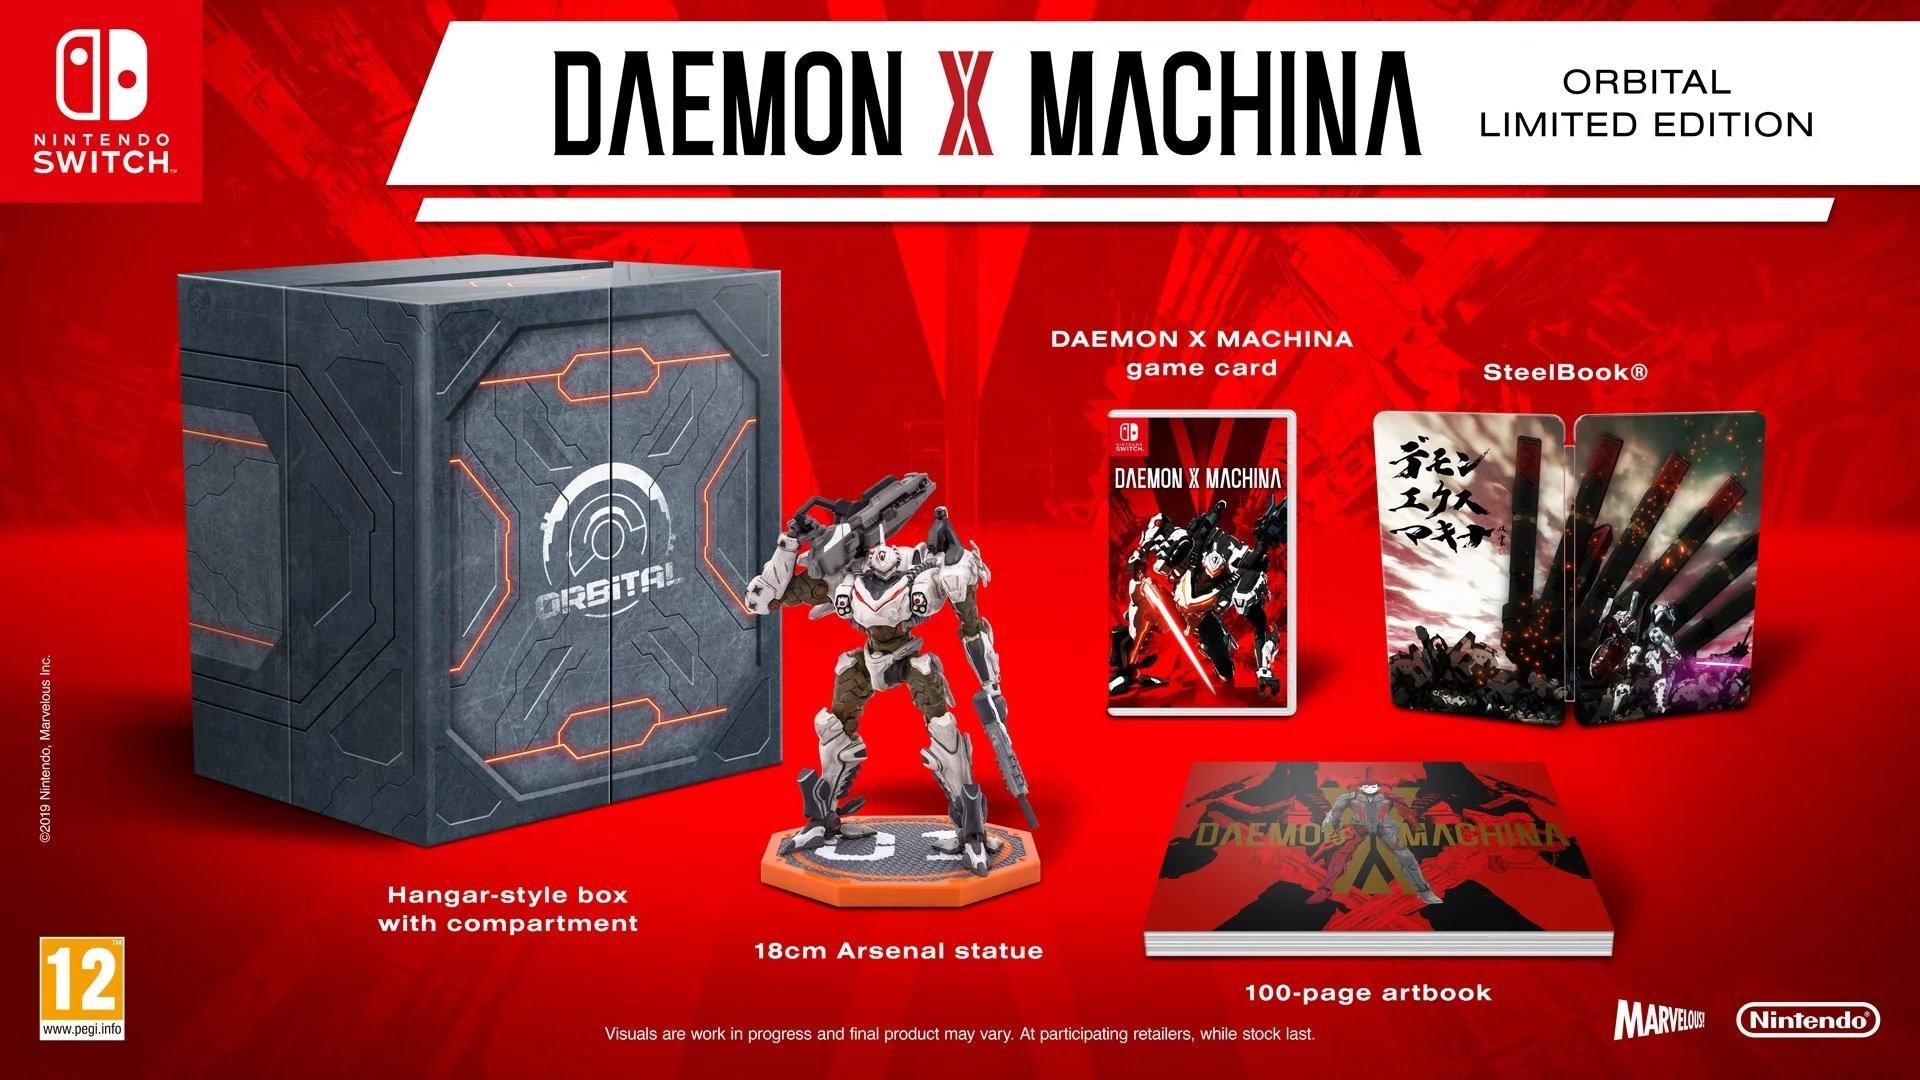 Daemon X Machina édition limitée est livré avec un mécanisme (pour les Européens et les Australiens)